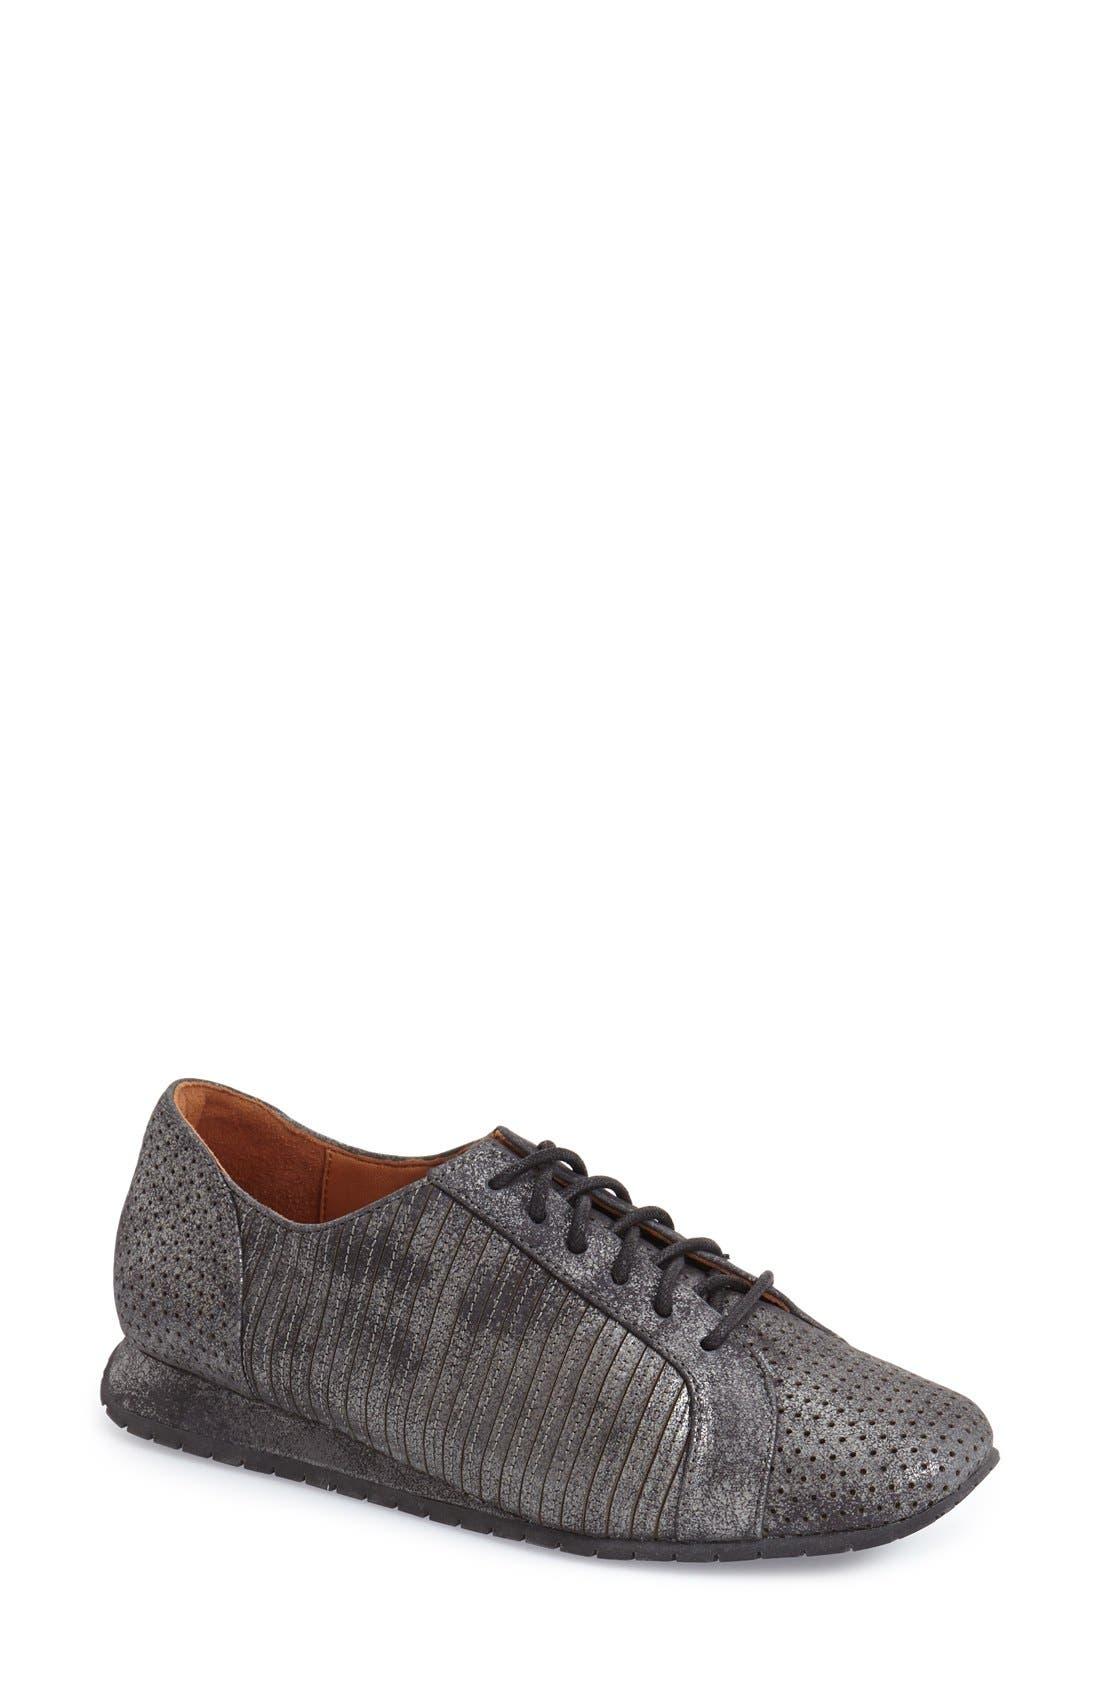 L'AMOUR DES PIEDS 'Trinet' Sneaker